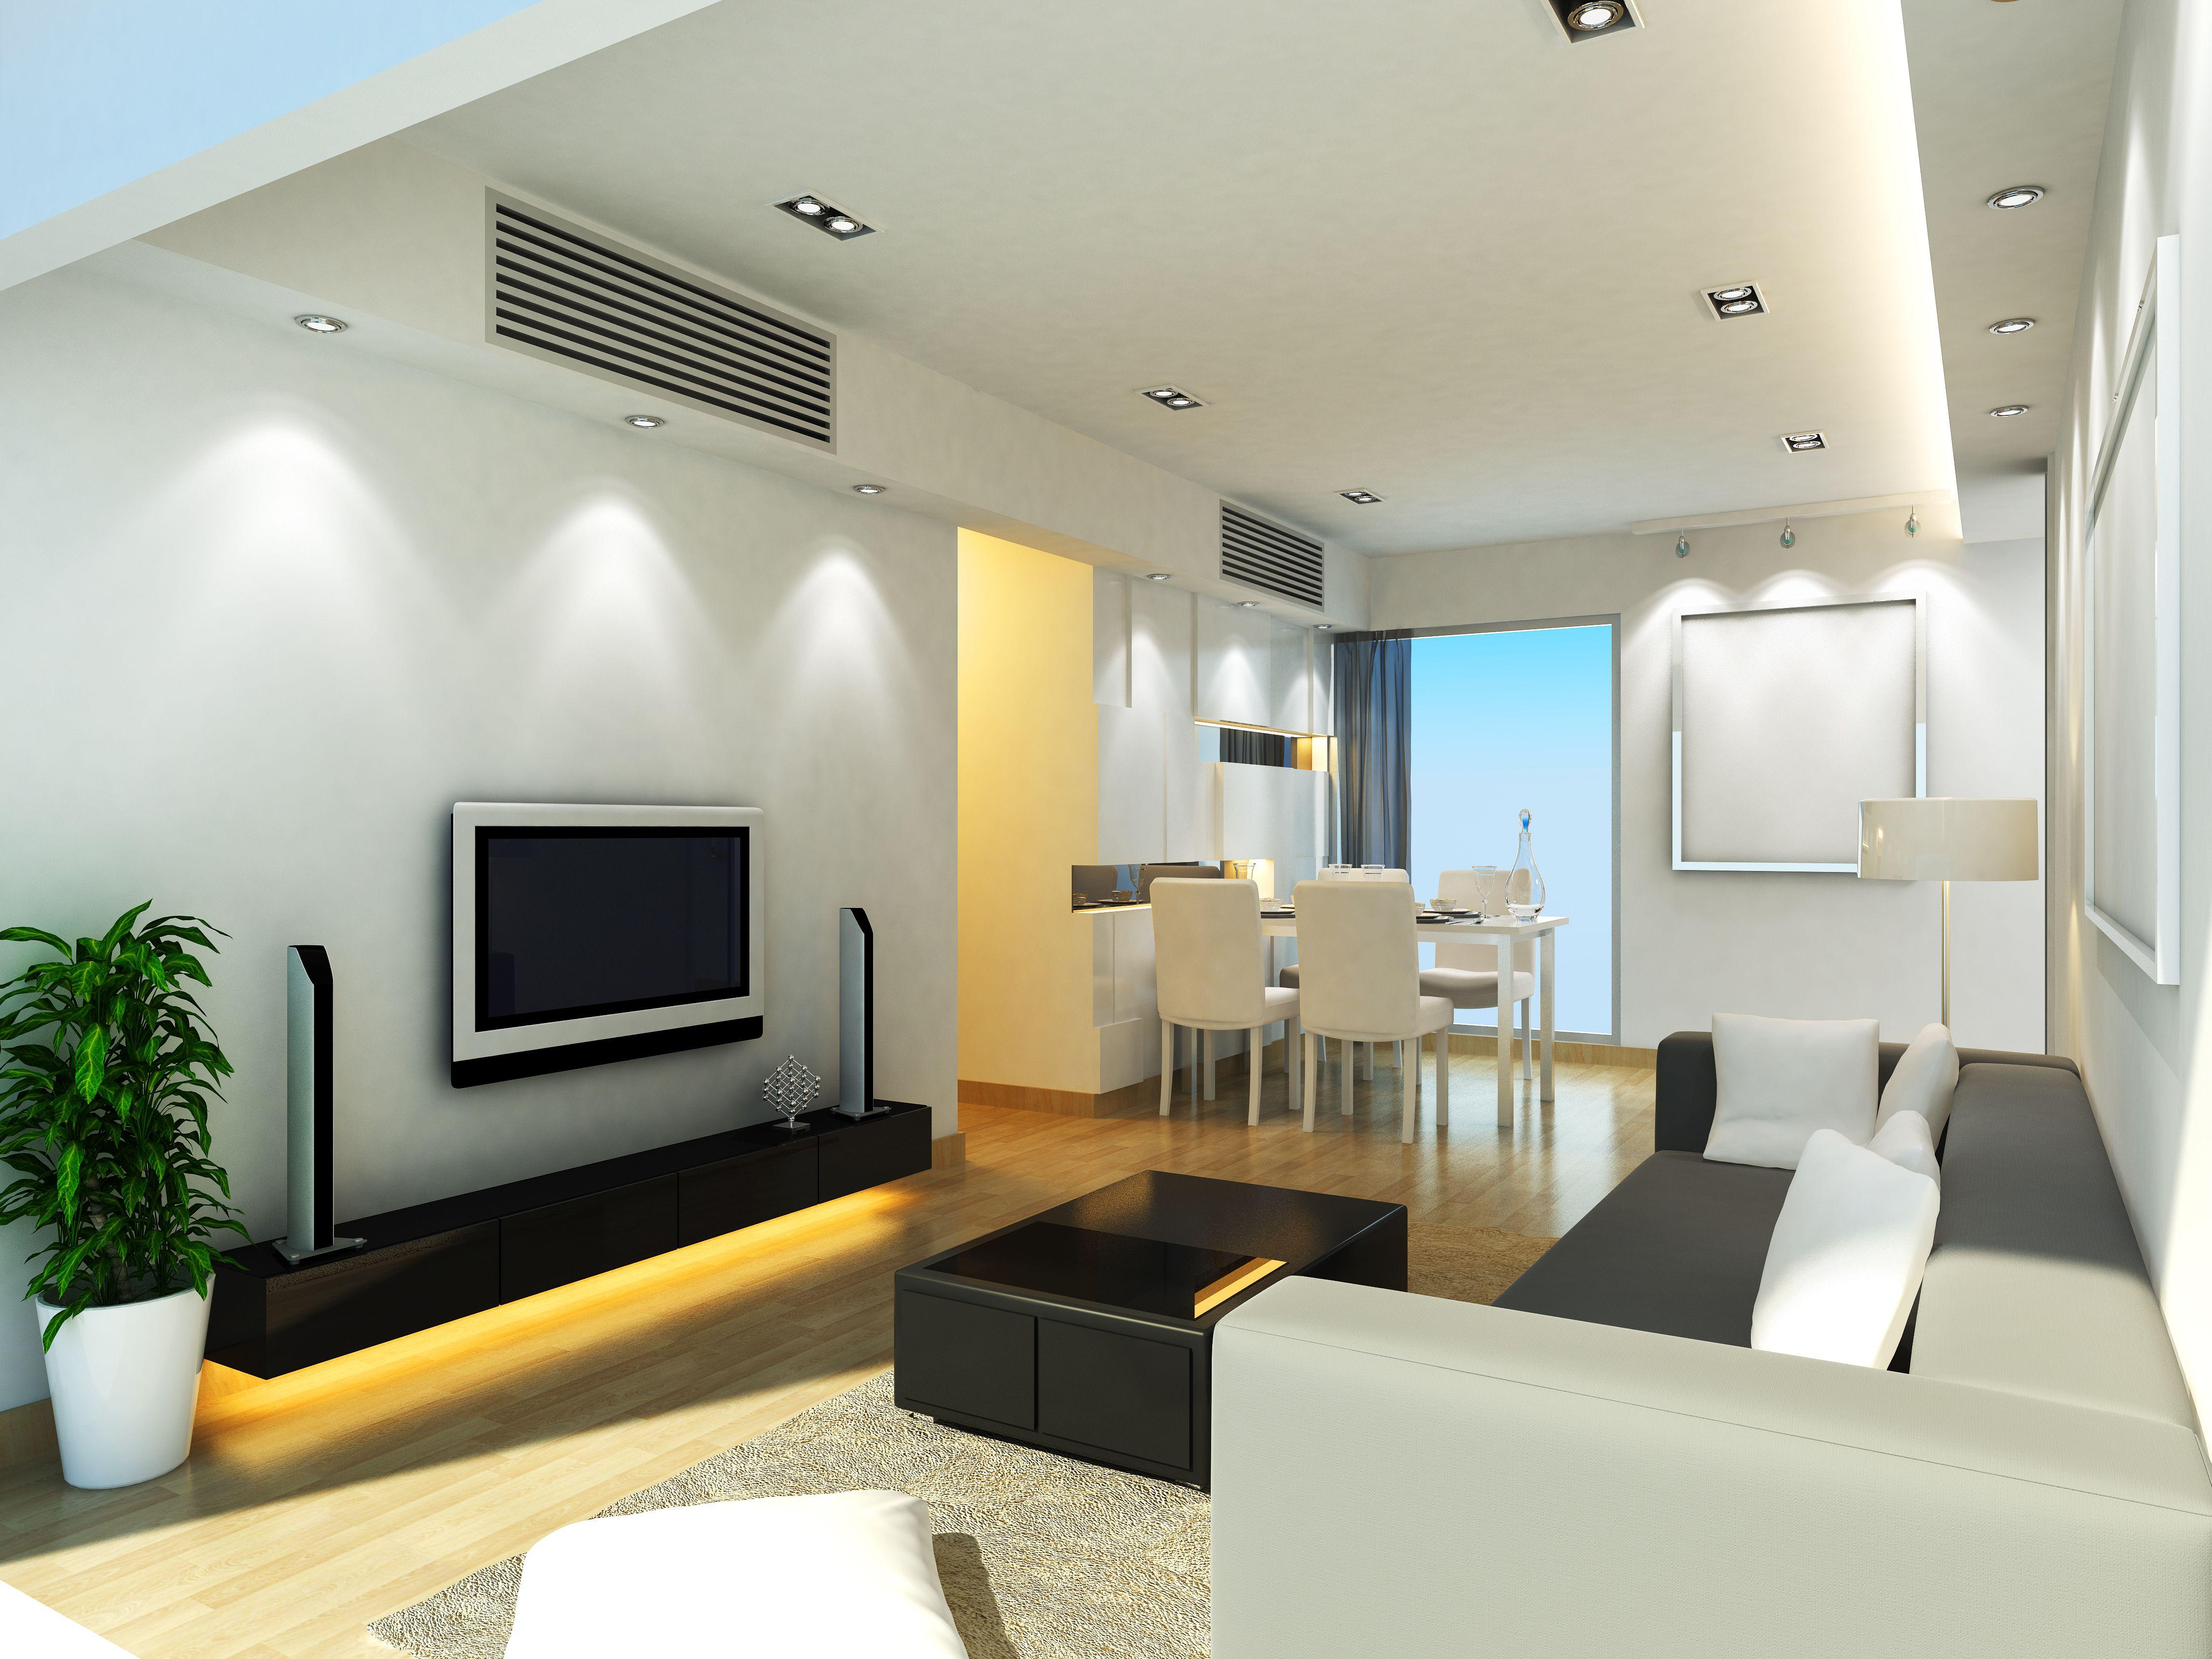 Mantenimiento de climatización en viviendas en Madrid